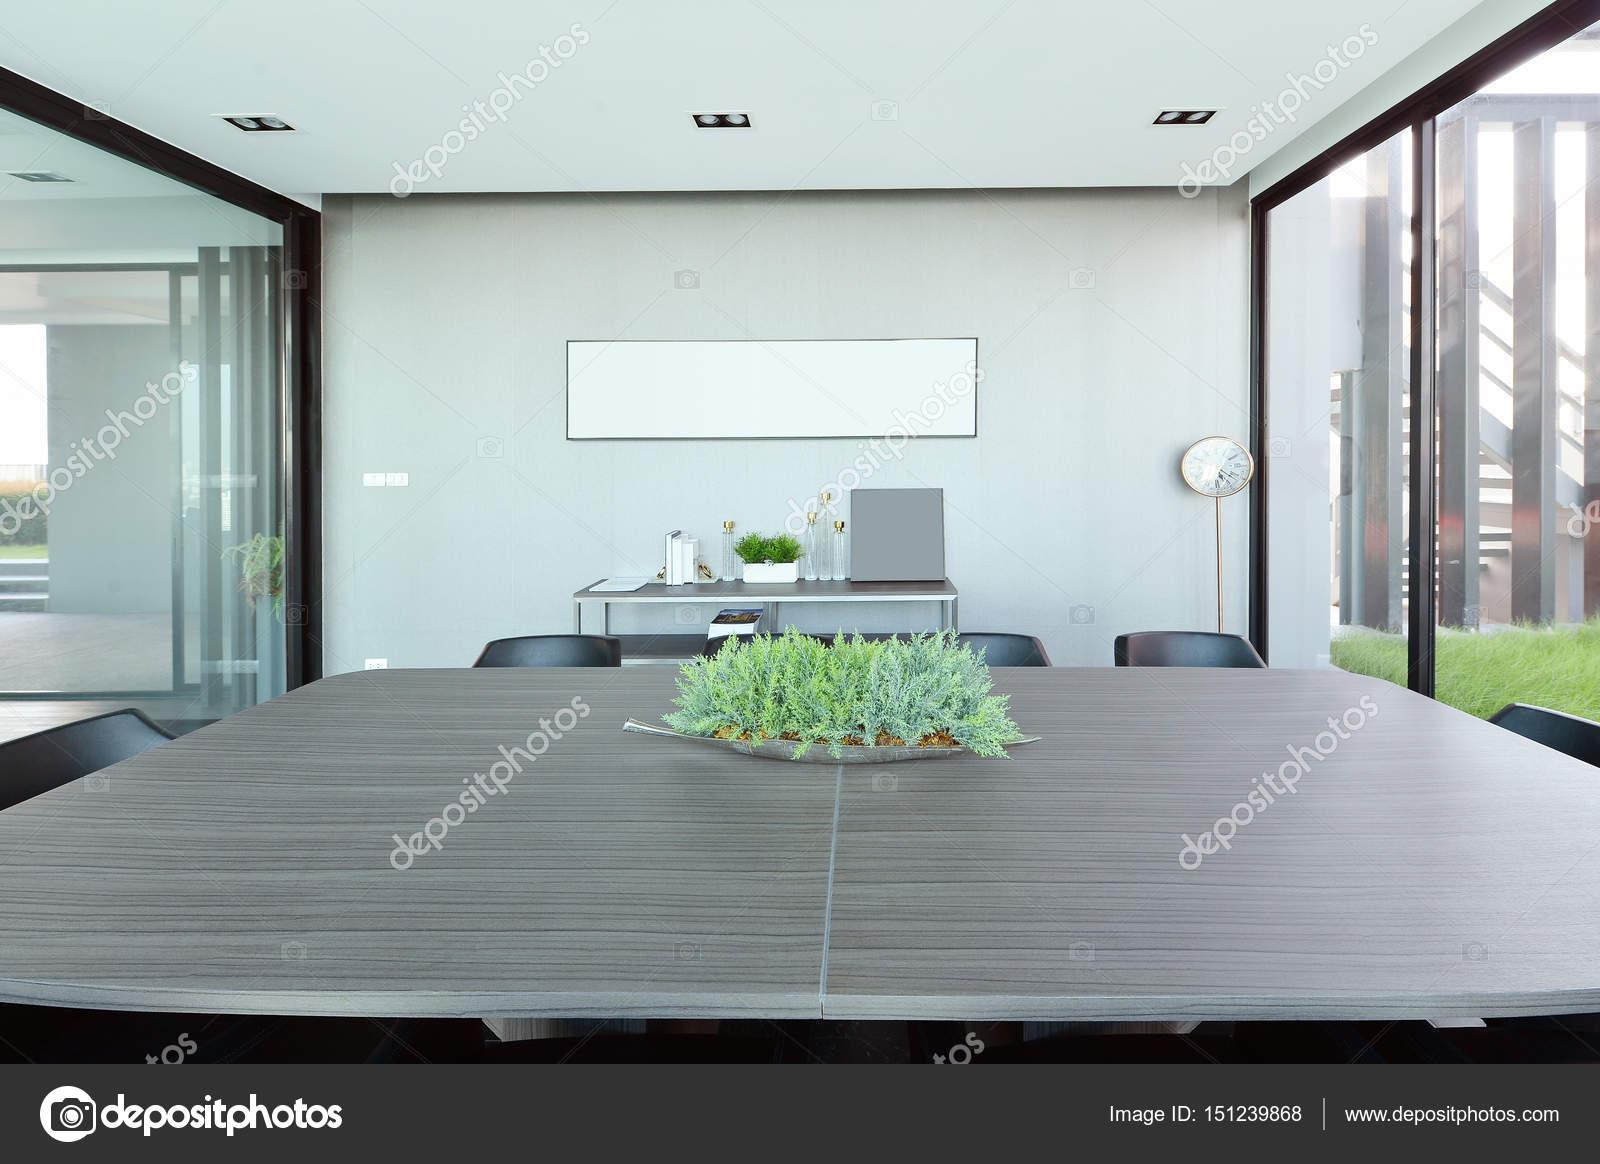 Treffen Raum Innenausstattung und Dekoration, Interieur des modernen ...